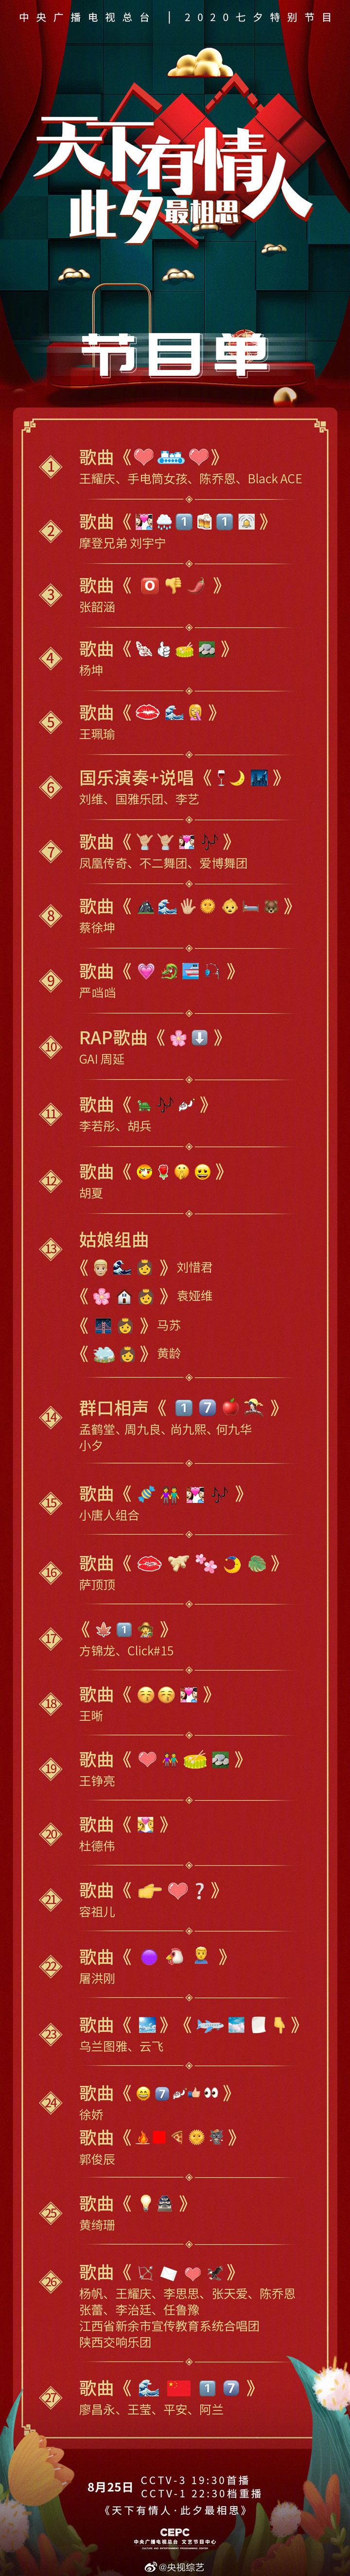 央视七夕晚会2020节目单曝光 央视七夕晚会emoji节目单揭秘